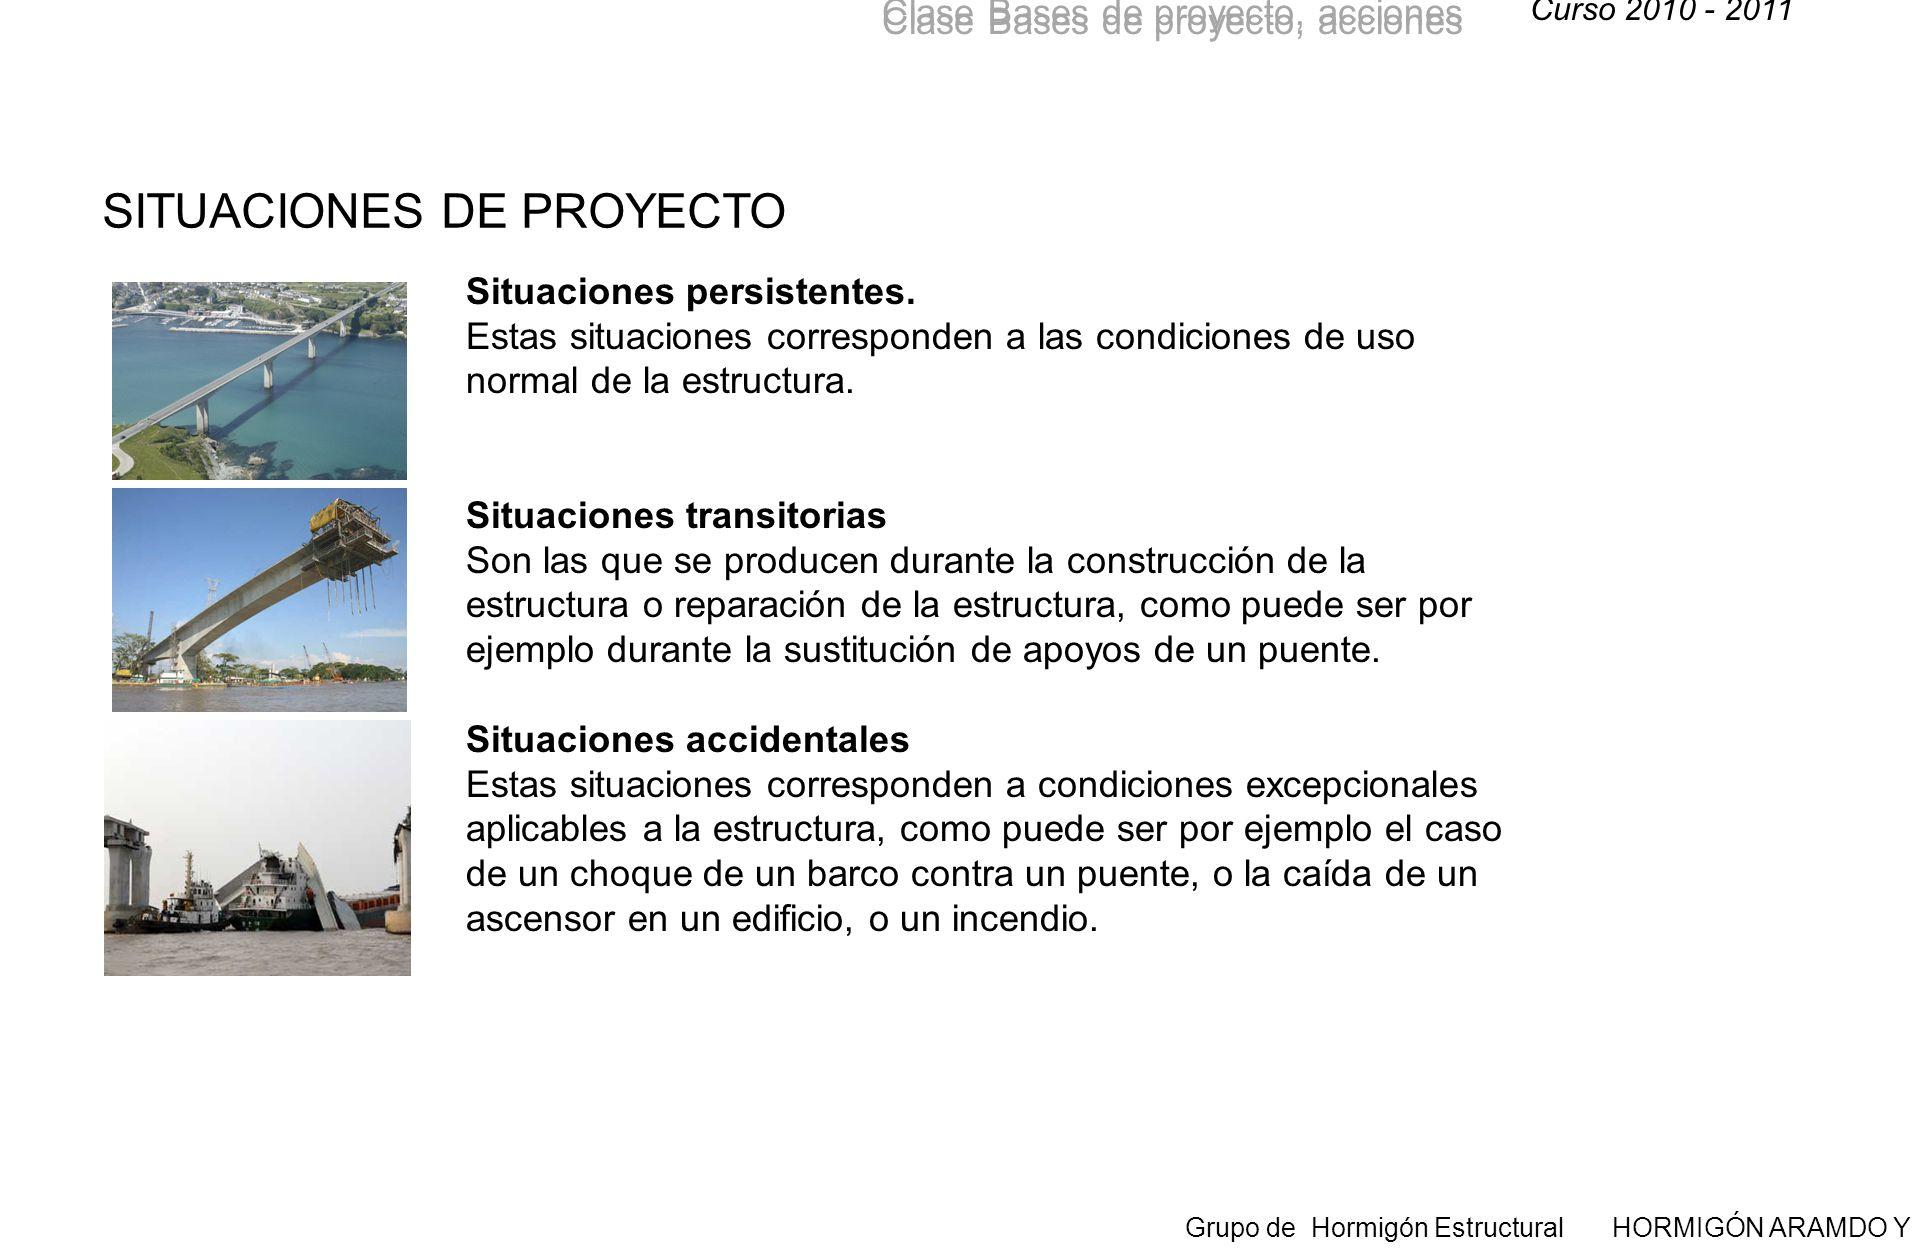 Curso 2010 - 2011 Grupo de Hormigón Estructural HORMIGÓN ARAMDO Y PRETENSADO II Clase Bases de proyecto, acciones 2.